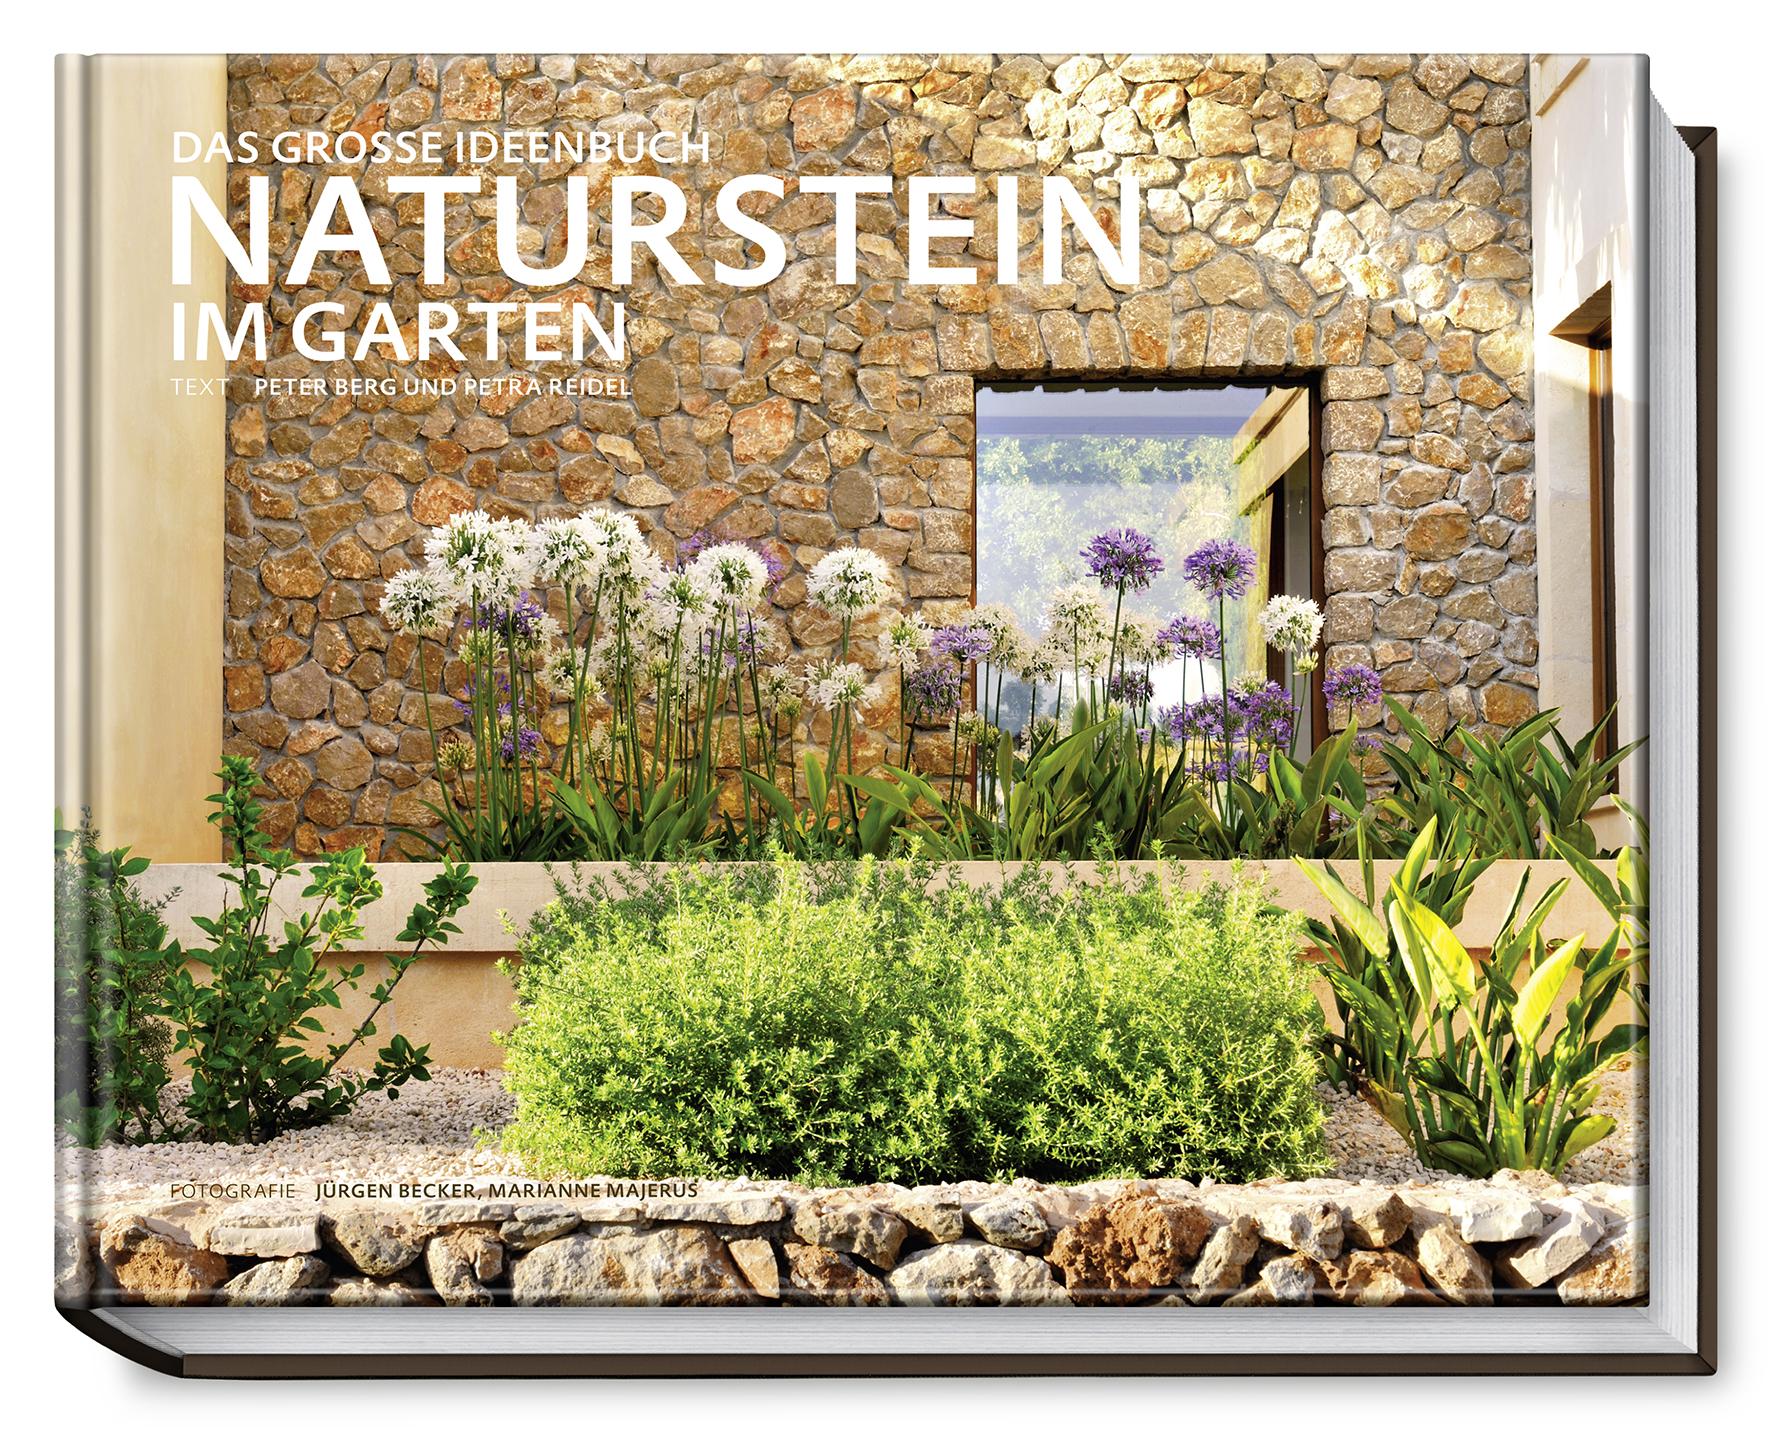 Naturstein im Garten